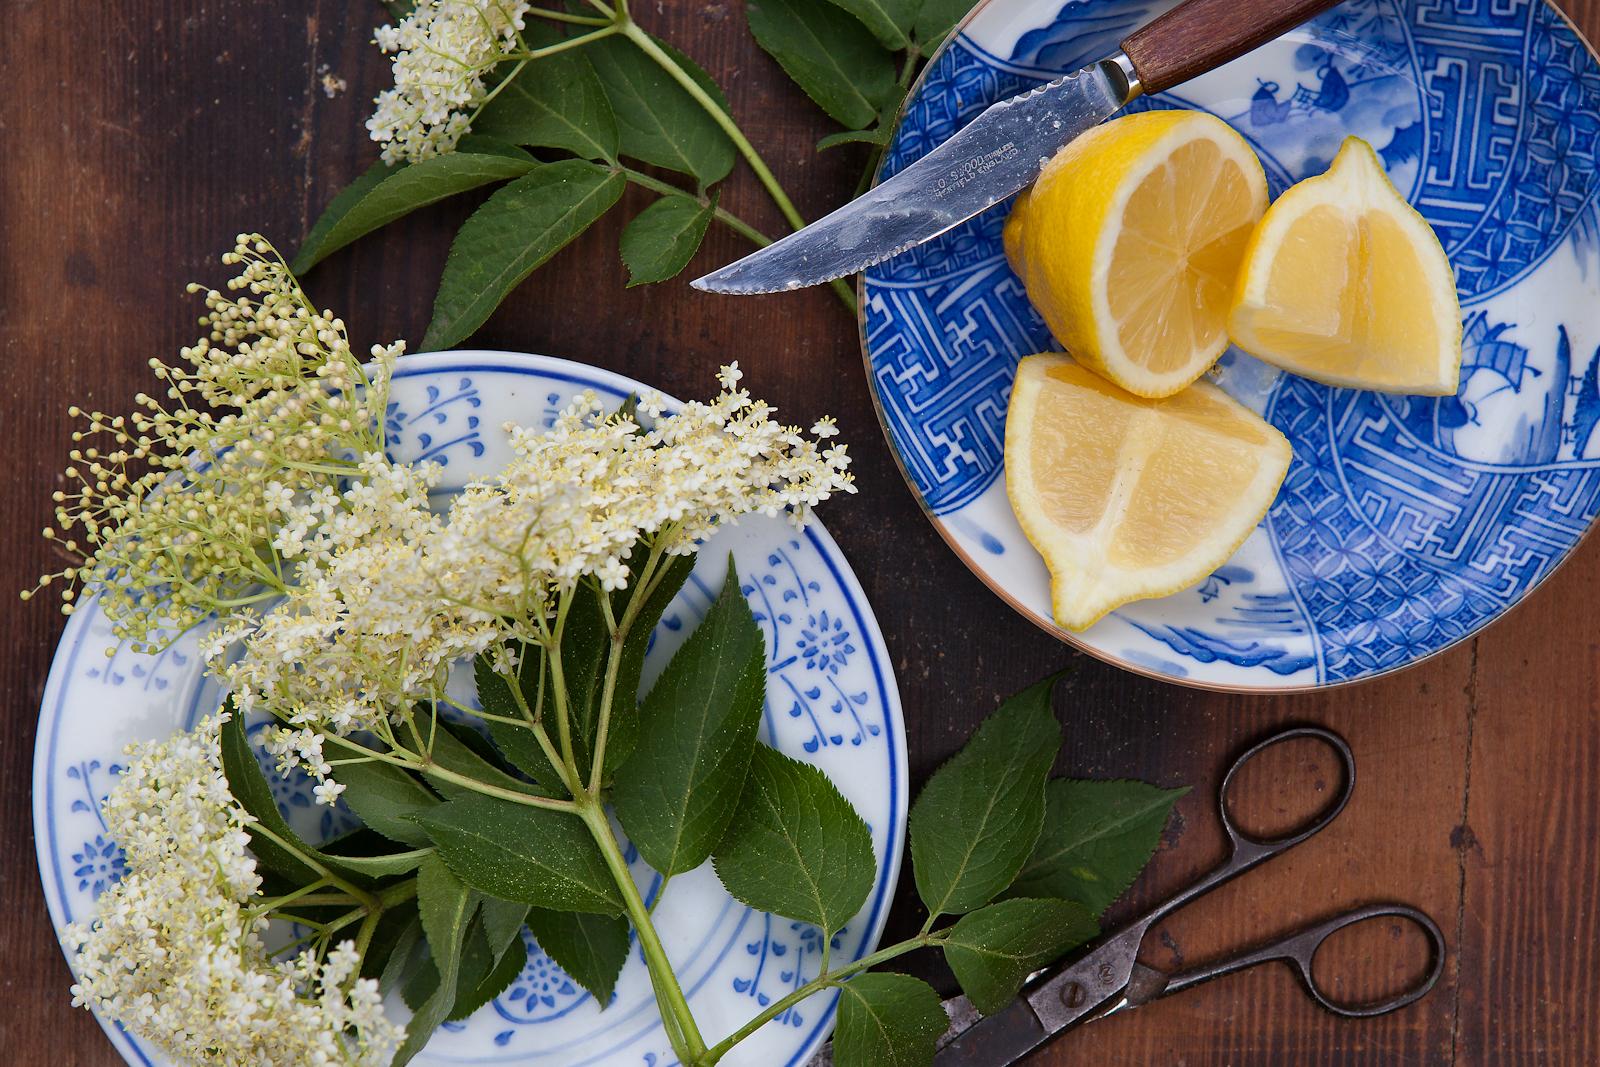 Elderflower & lemon for a summery cordial